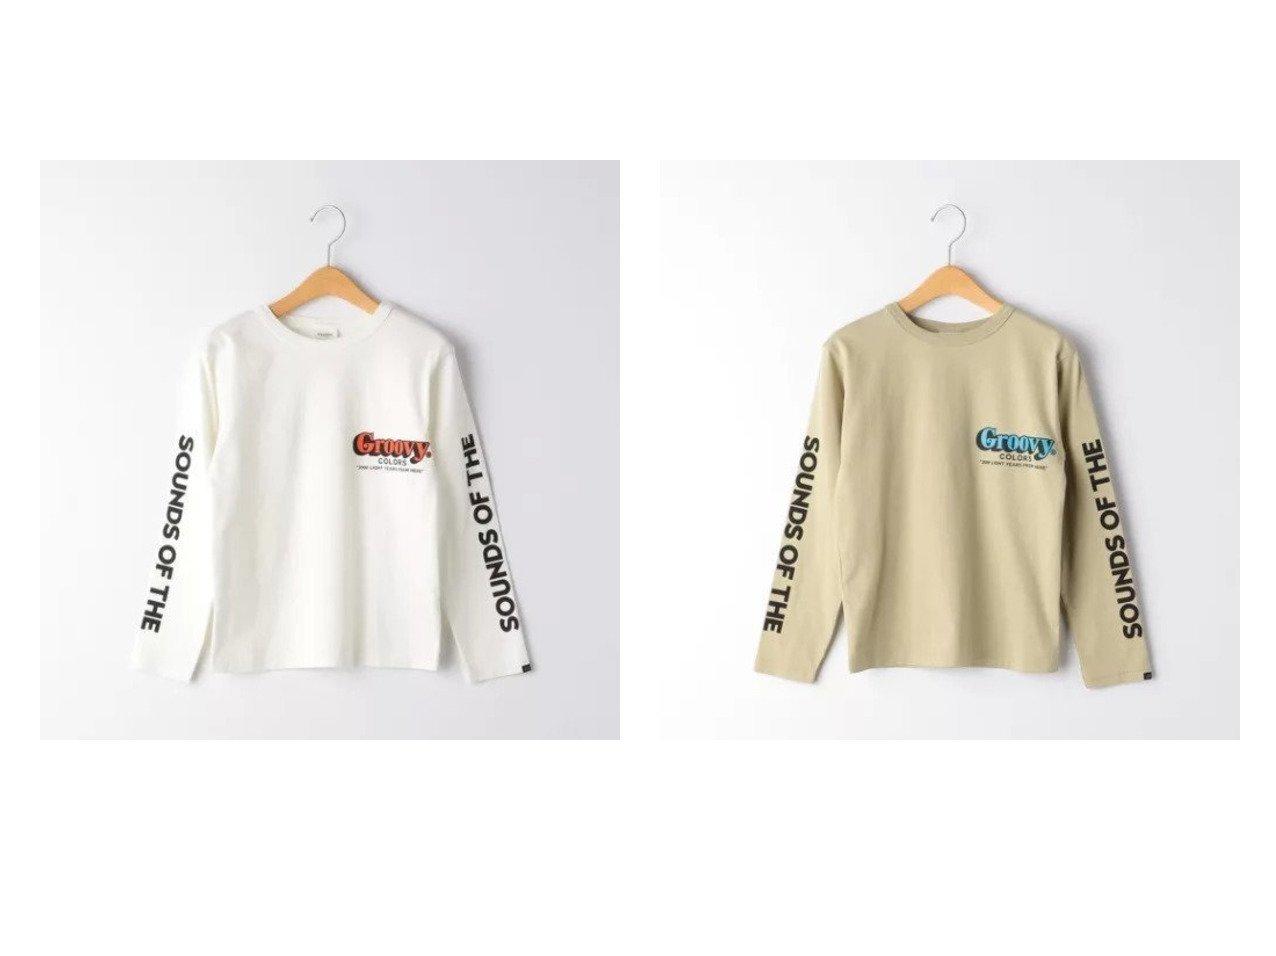 【green label relaxing / UNITED ARROWS / KIDS/グリーンレーベルリラクシング】の【ジュニア】 GROOVY COLORS(グルービーカラーズ)ロゴプリントT 【KIDS】子供服のおすすめ!人気トレンド・キッズファッションの通販  おすすめで人気の流行・トレンド、ファッションの通販商品 メンズファッション・キッズファッション・インテリア・家具・レディースファッション・服の通販 founy(ファニー) https://founy.com/ ファッション Fashion キッズファッション KIDS トップス・カットソー Tops/Tees/Kids プリント  ID:crp329100000027201